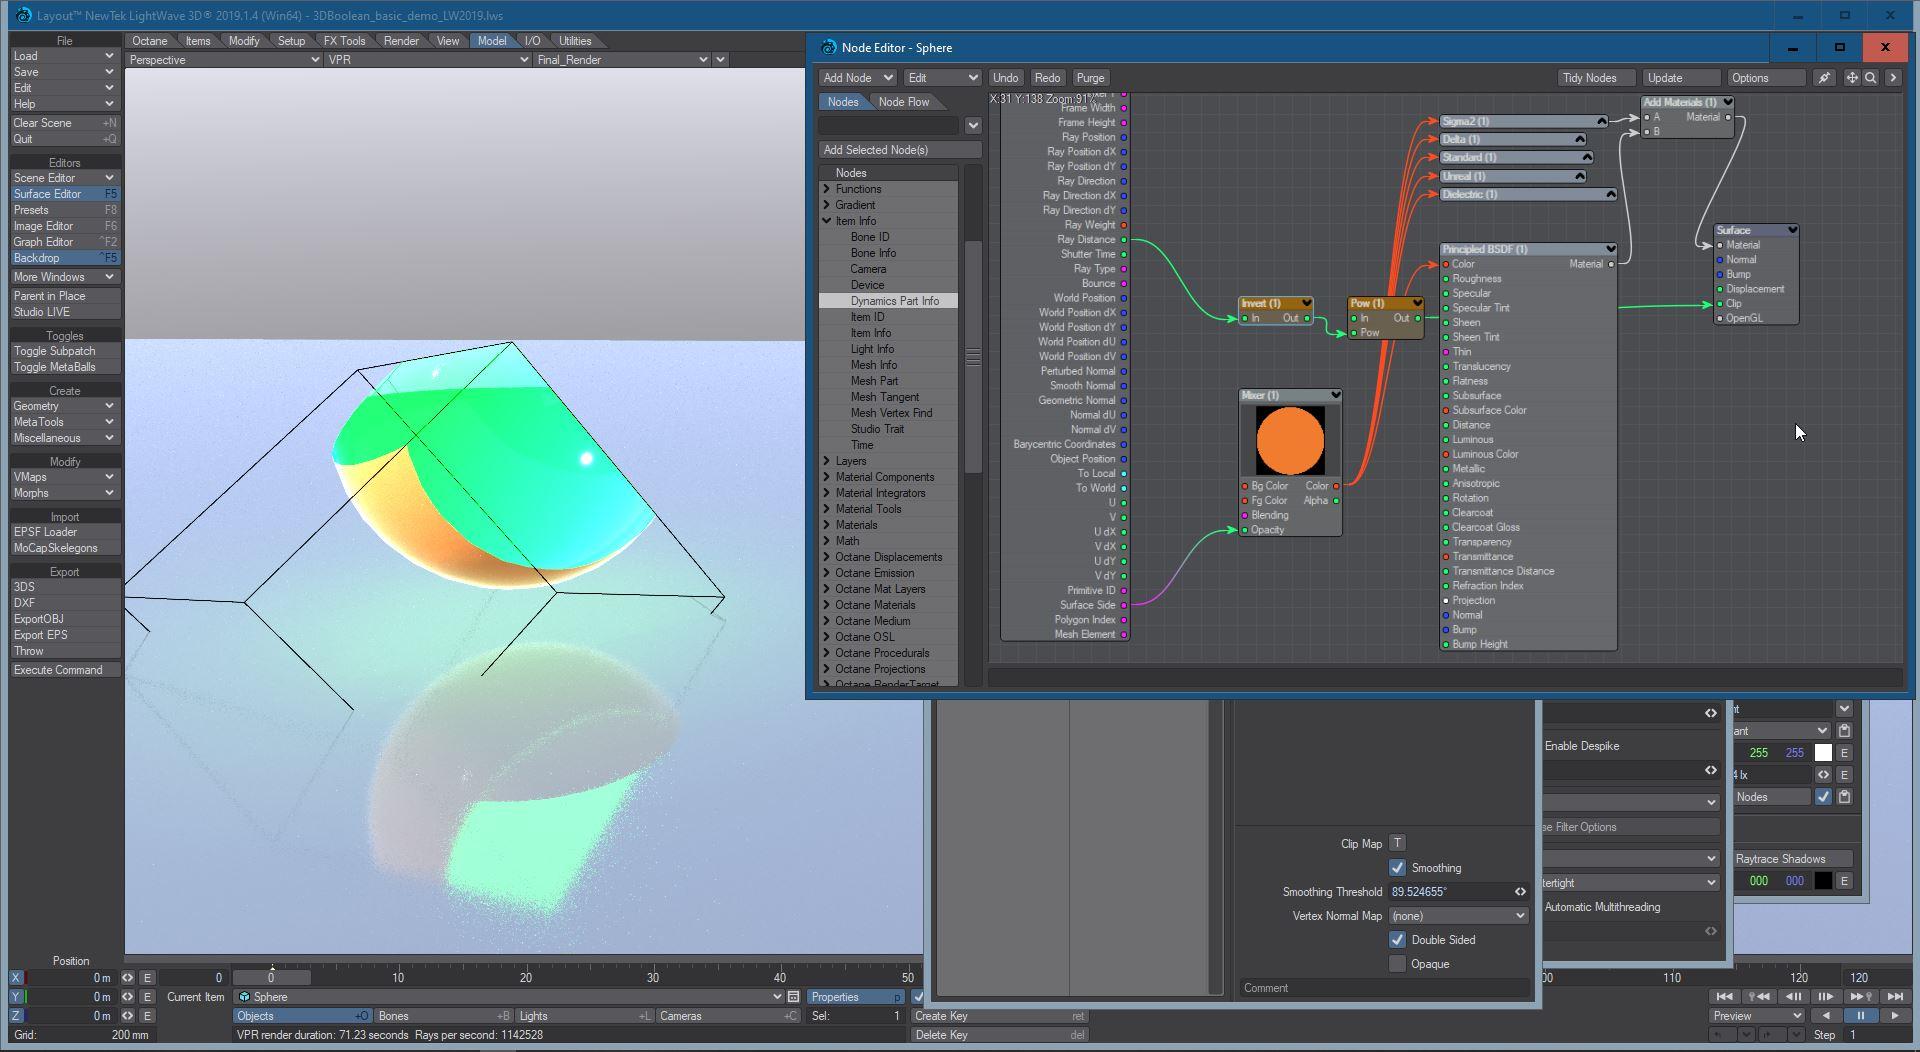 Nome: 2020-02-14 14_24_00-Layout™ NewTek LightWave 3D® 2019.1.4 (Win64) - 3DBoolean_basic_demo_LW2019..jpg Visite: 108 Dimensione: 240.9 KB